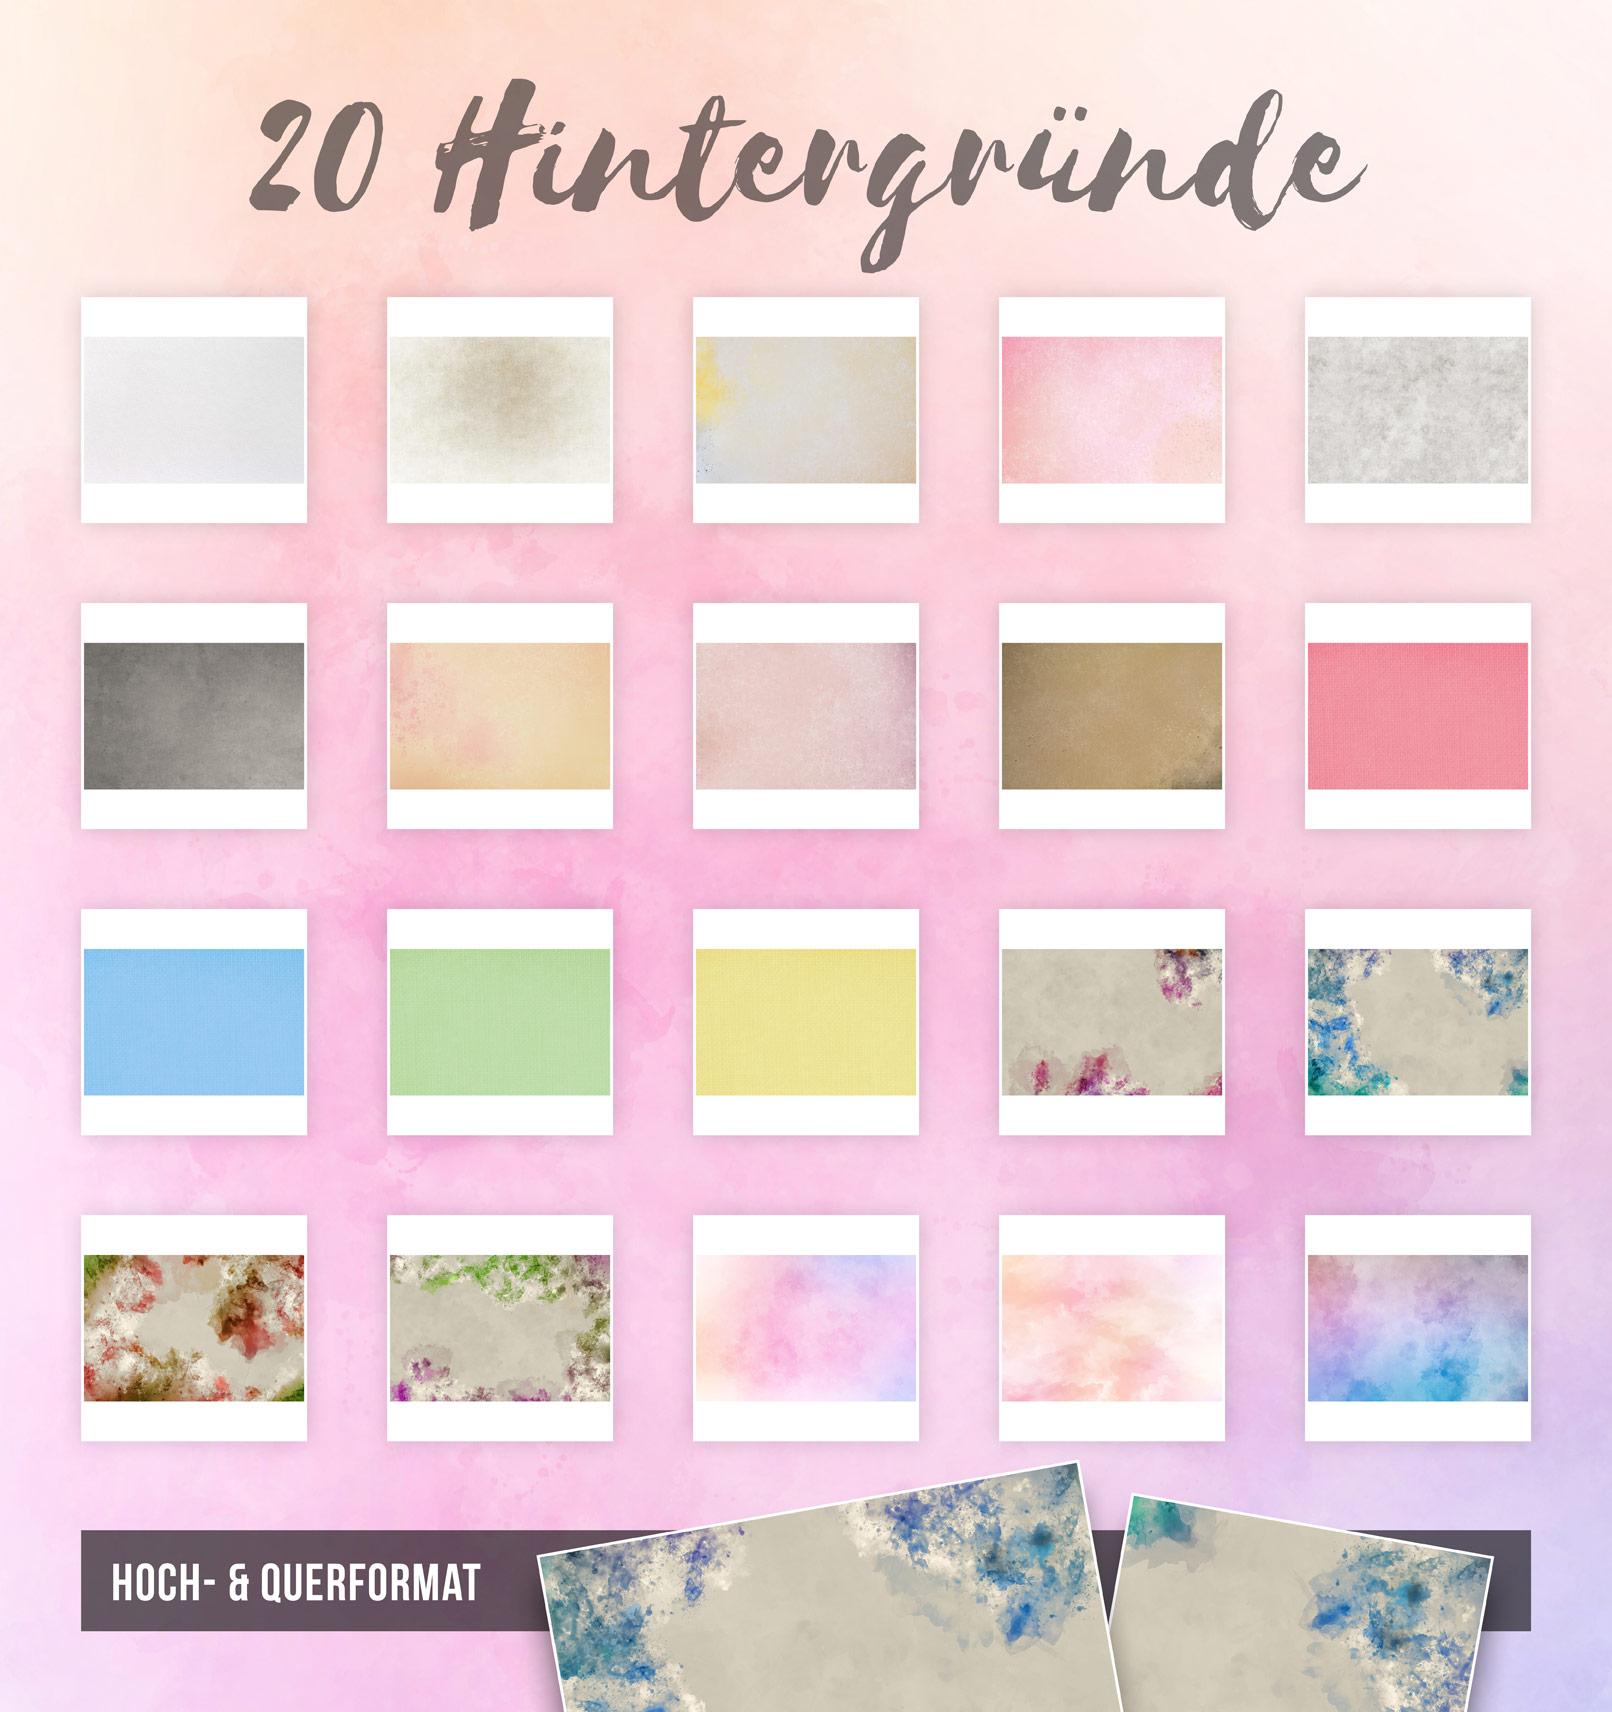 20 Hintergründe mit Wasserfarben-Effekt